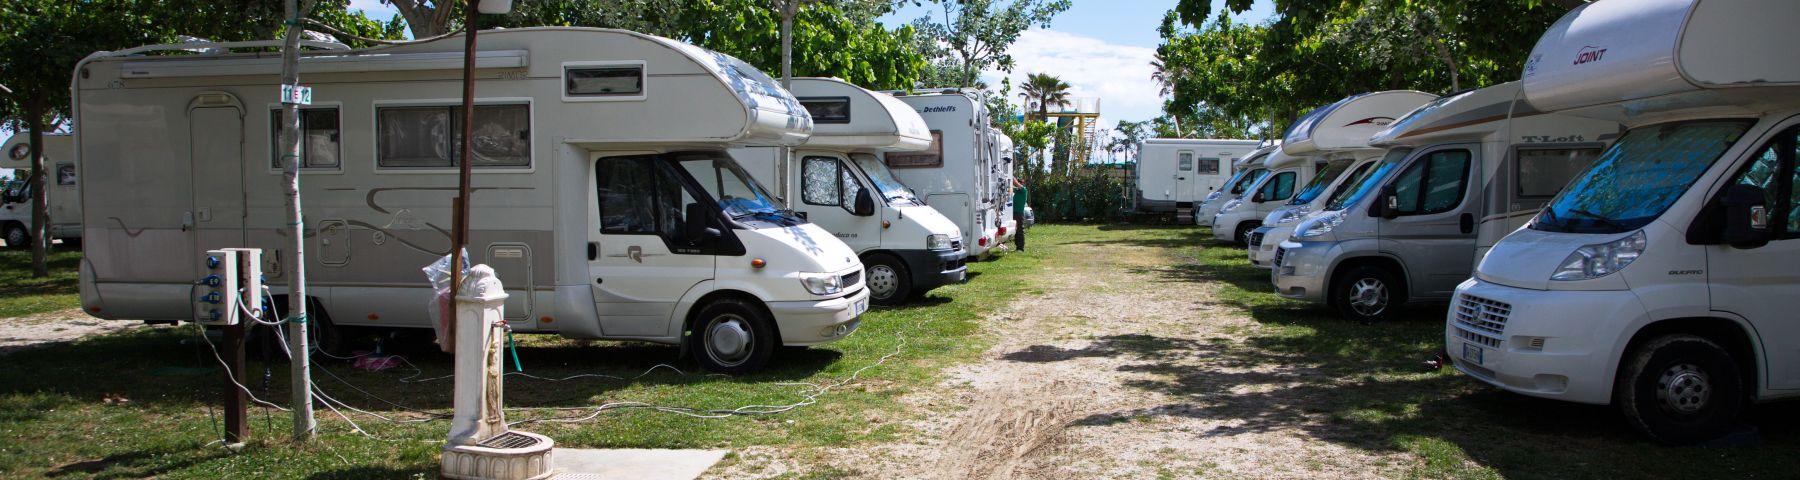 Attività Camper Club Foligno